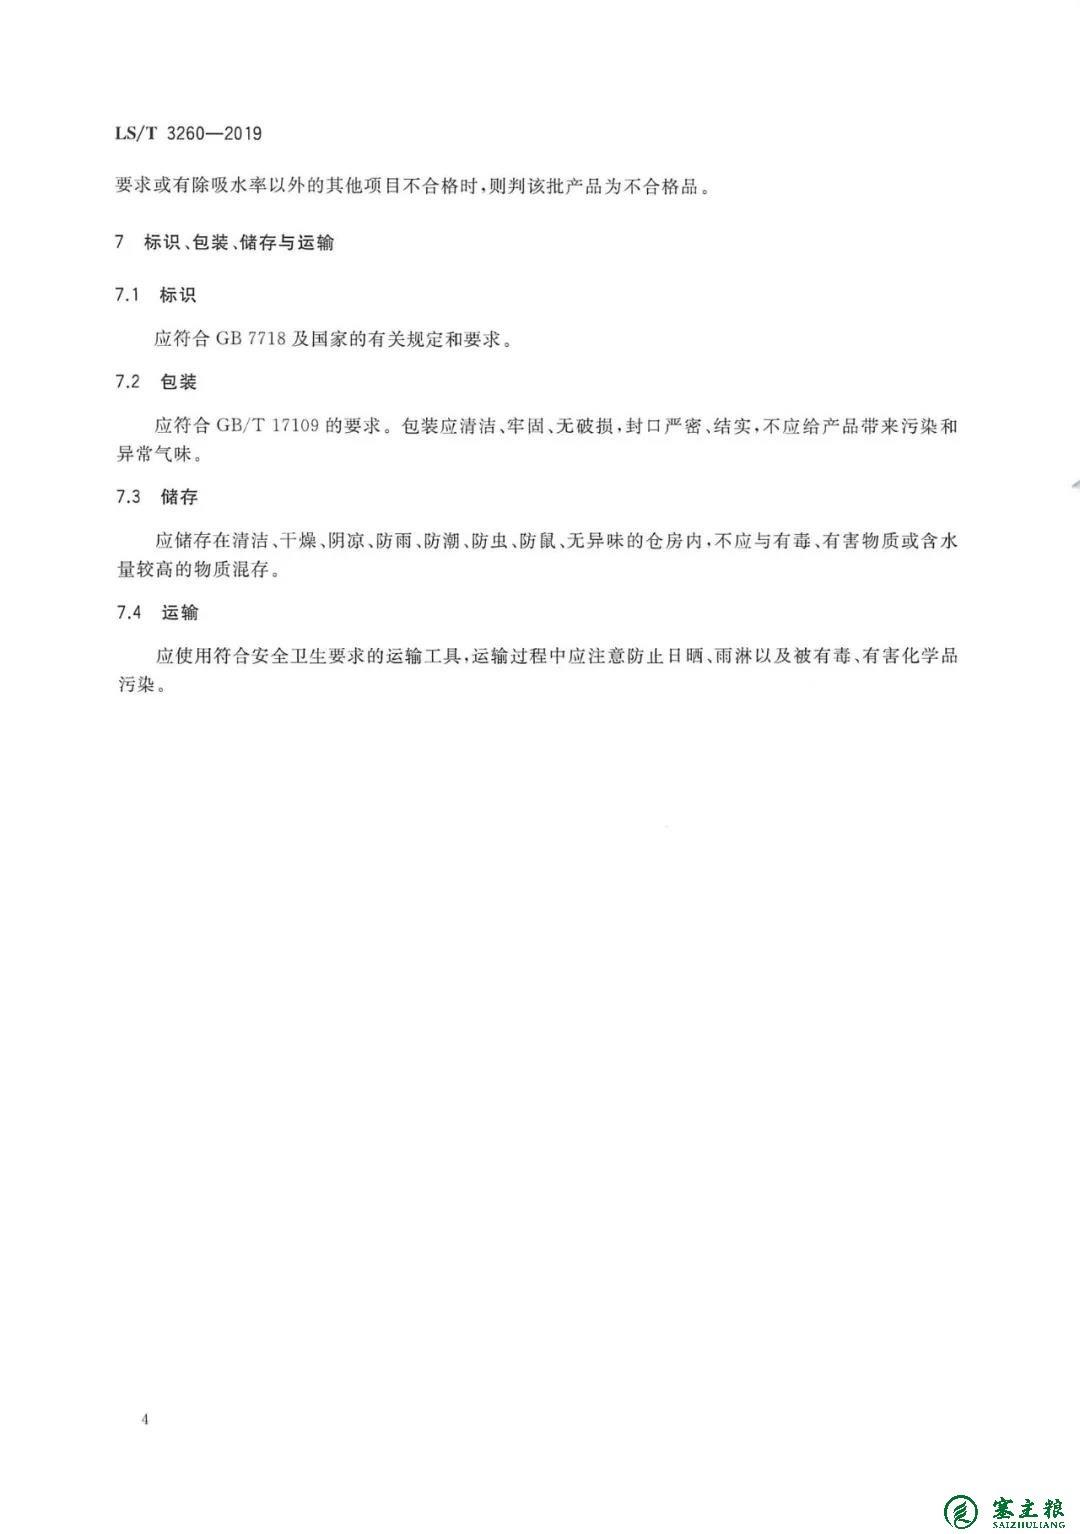 理类储备干部_国家粮食和物资储备局发布《燕麦米》粮食行业标准!!-内蒙古